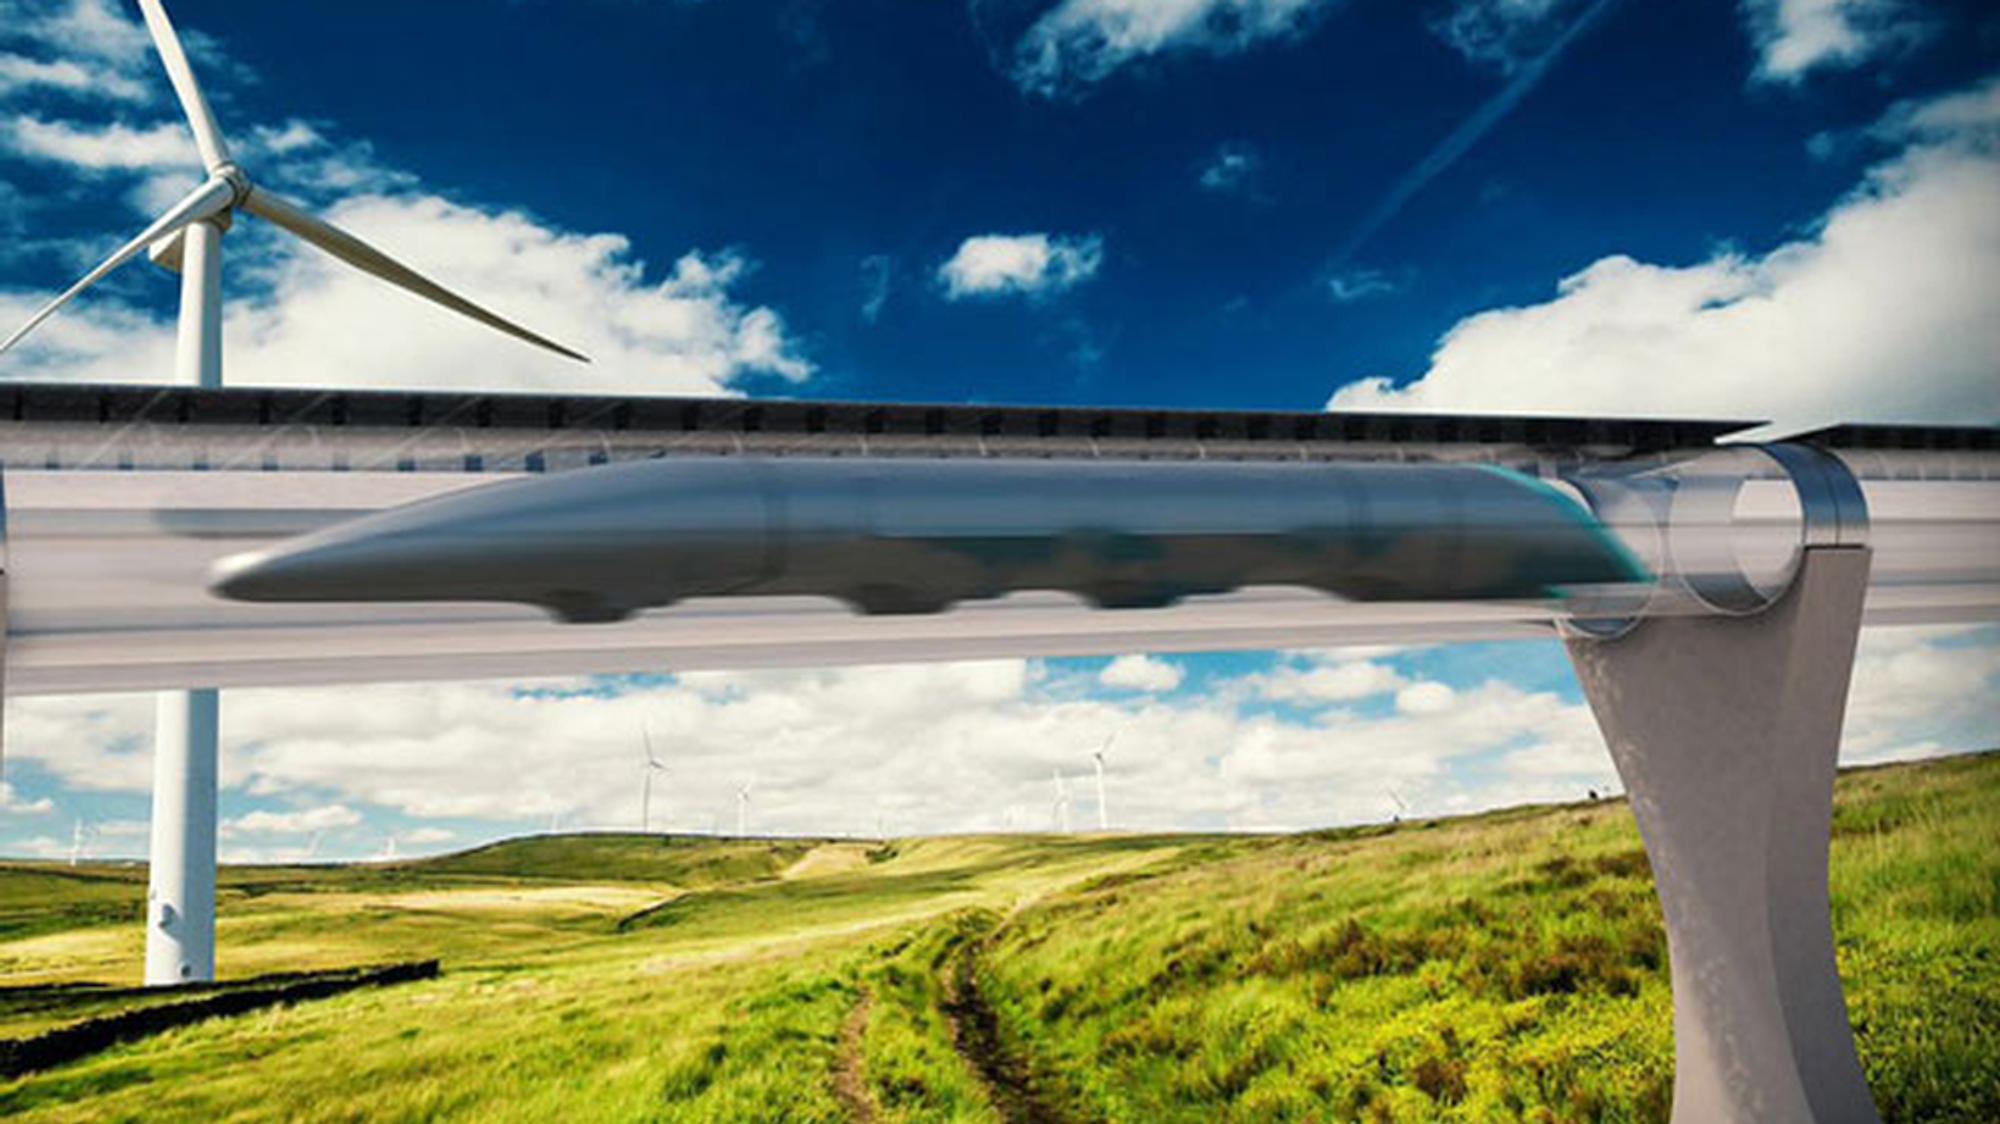 Avtale signert: Nå kan Europa få sin første Hyperloop-bane